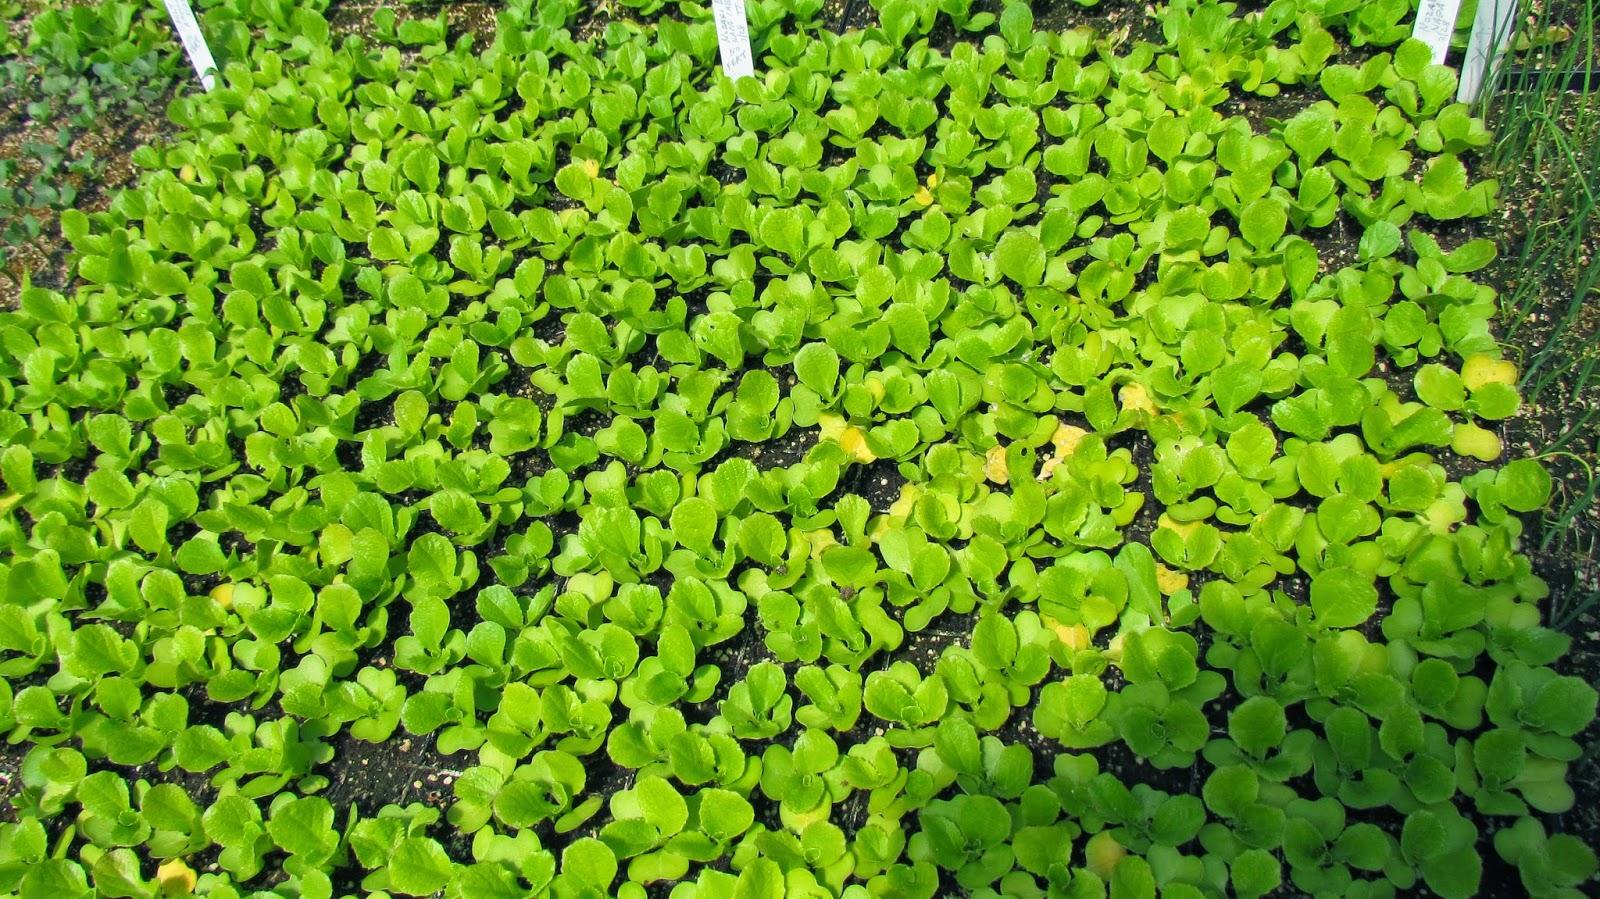 kilele f1 for open field farming